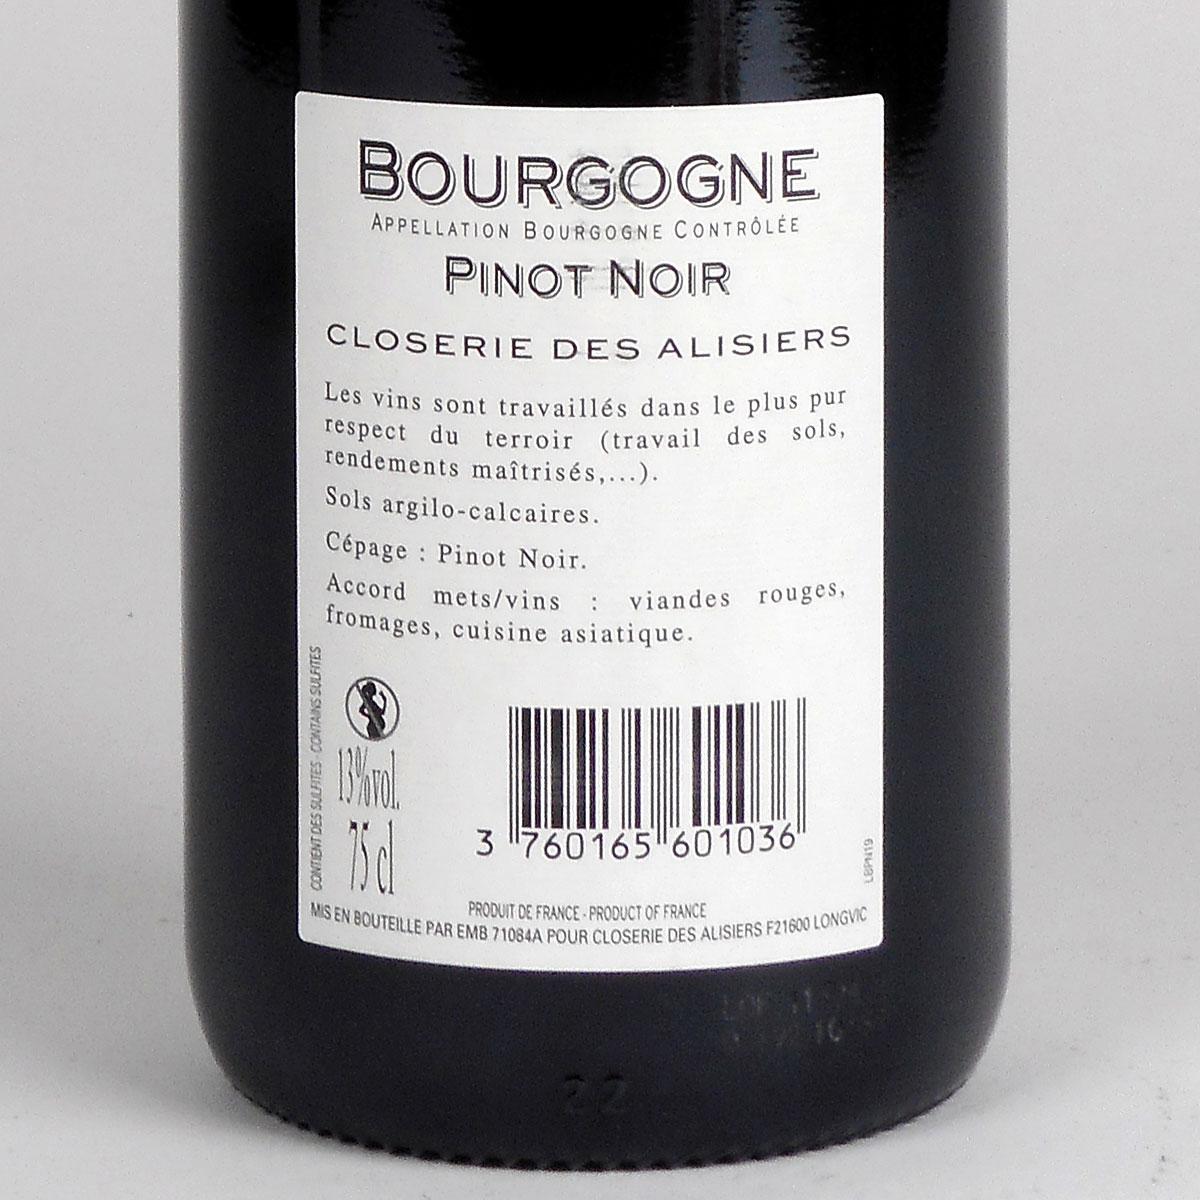 Bourgogne Pinot Noir: Closerie des Alisiers 2019 - Bottle Rear Label